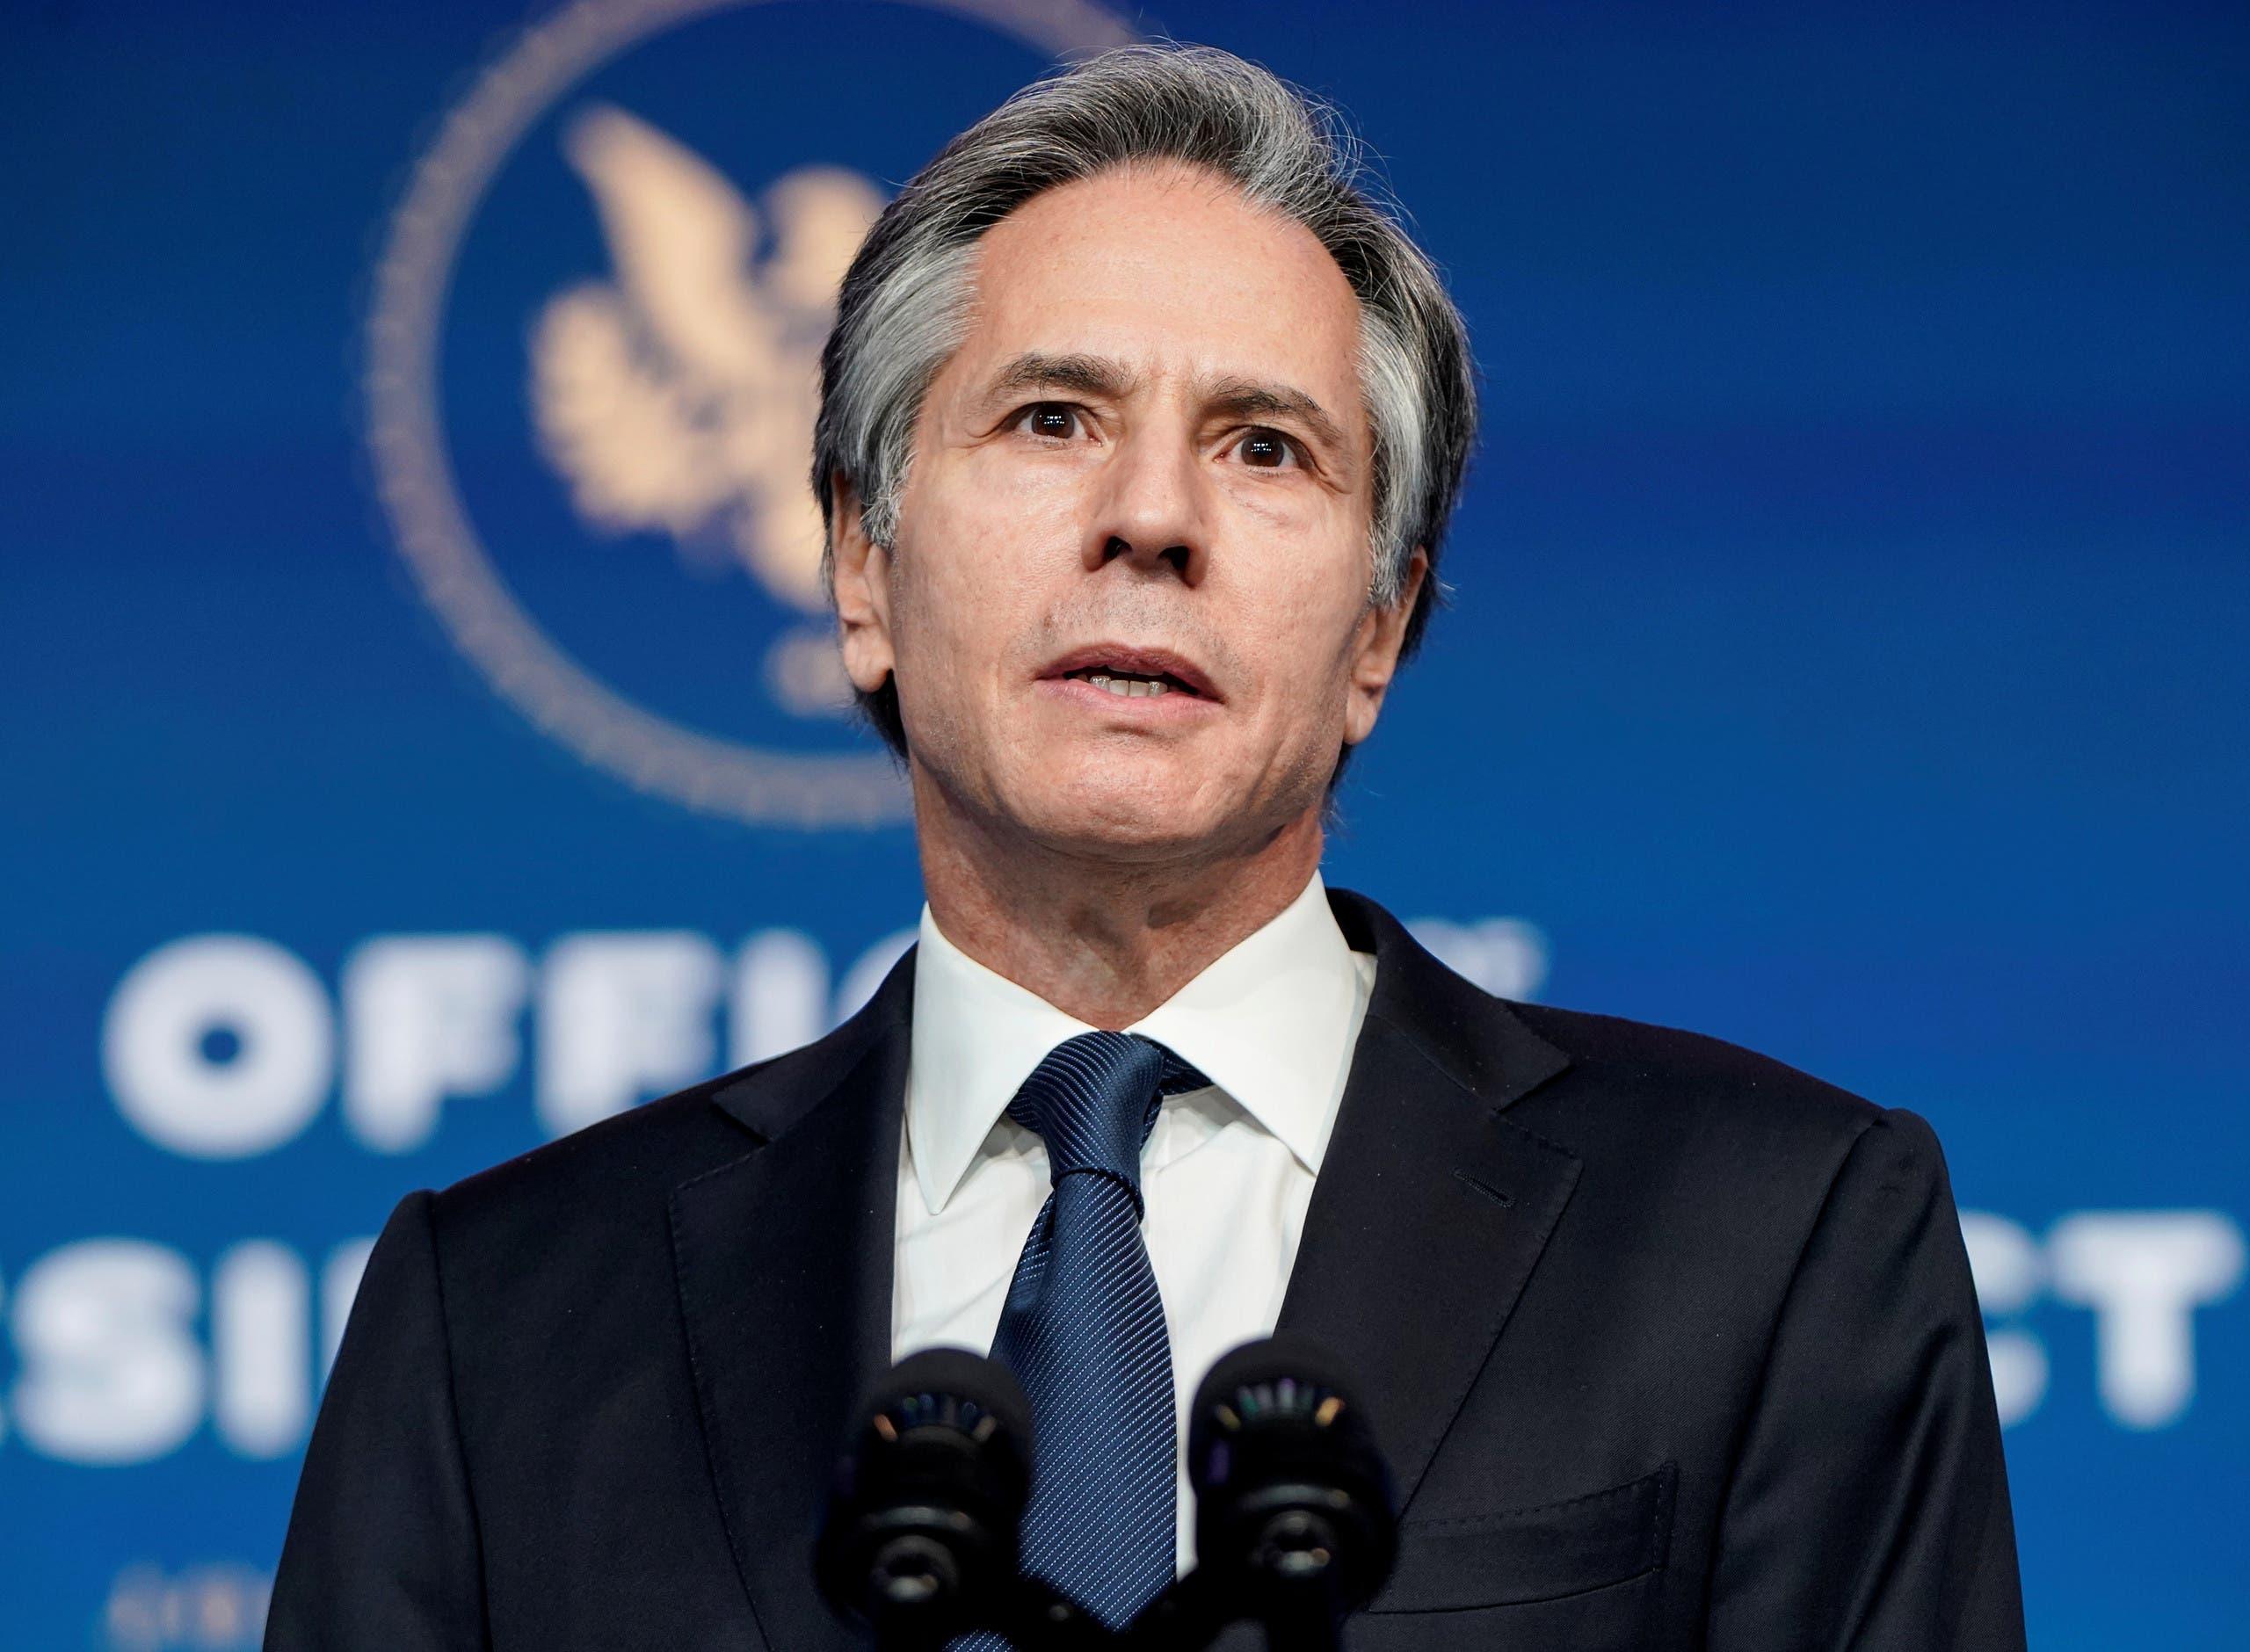 وزير الخارجية الأميركية الجديد انتوني بلينكن